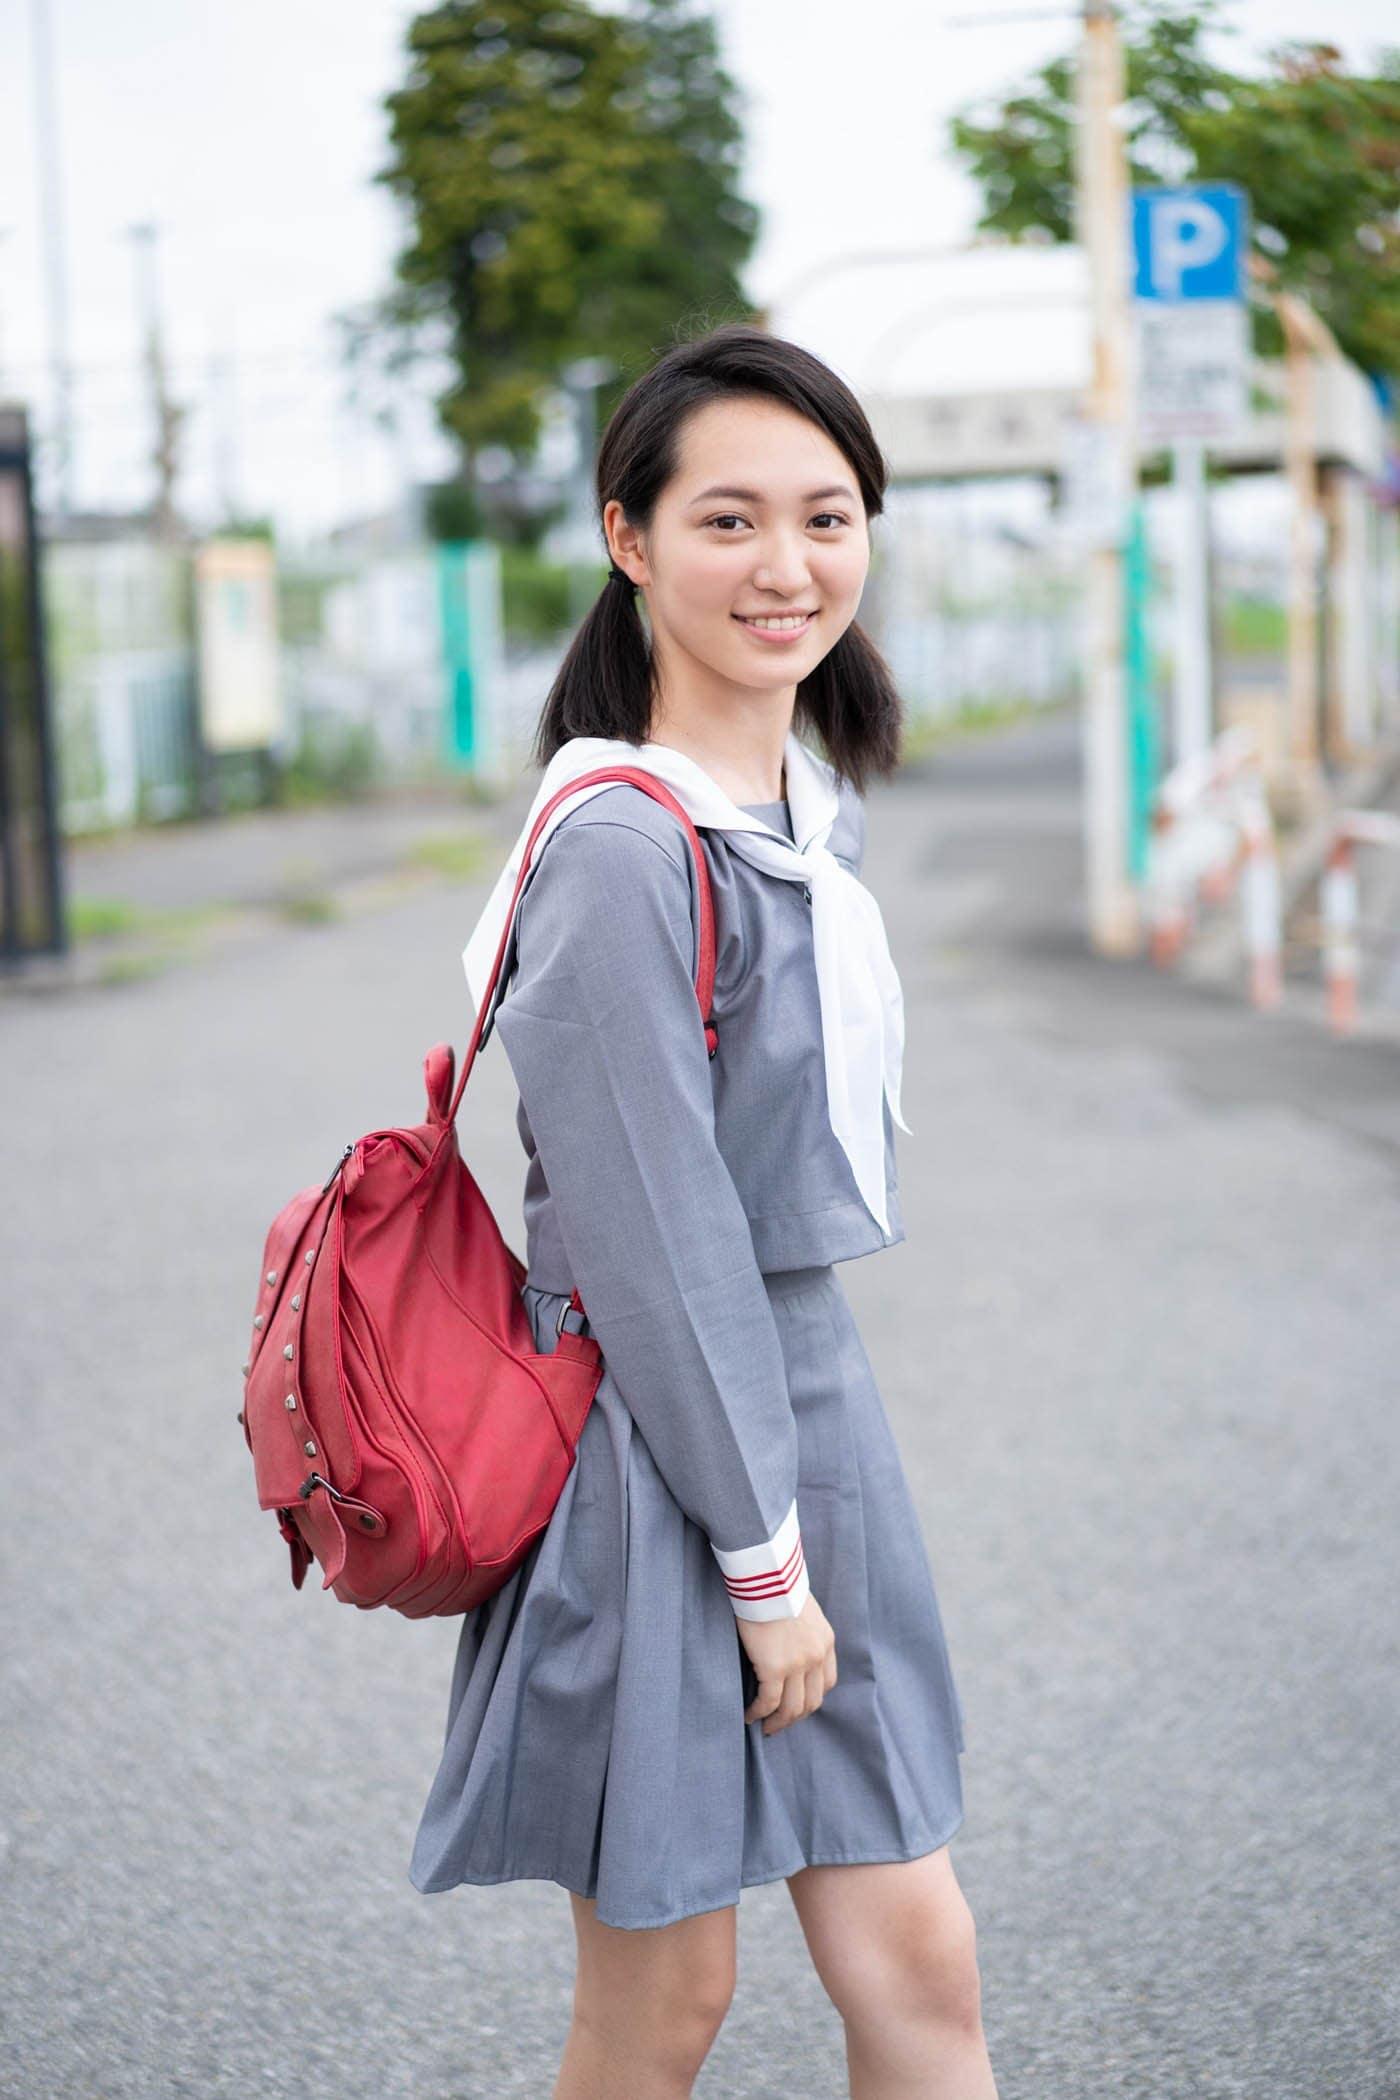 岡本桃花「清楚な制服姿」がまぶしい期待の新人!【写真5枚】の画像001